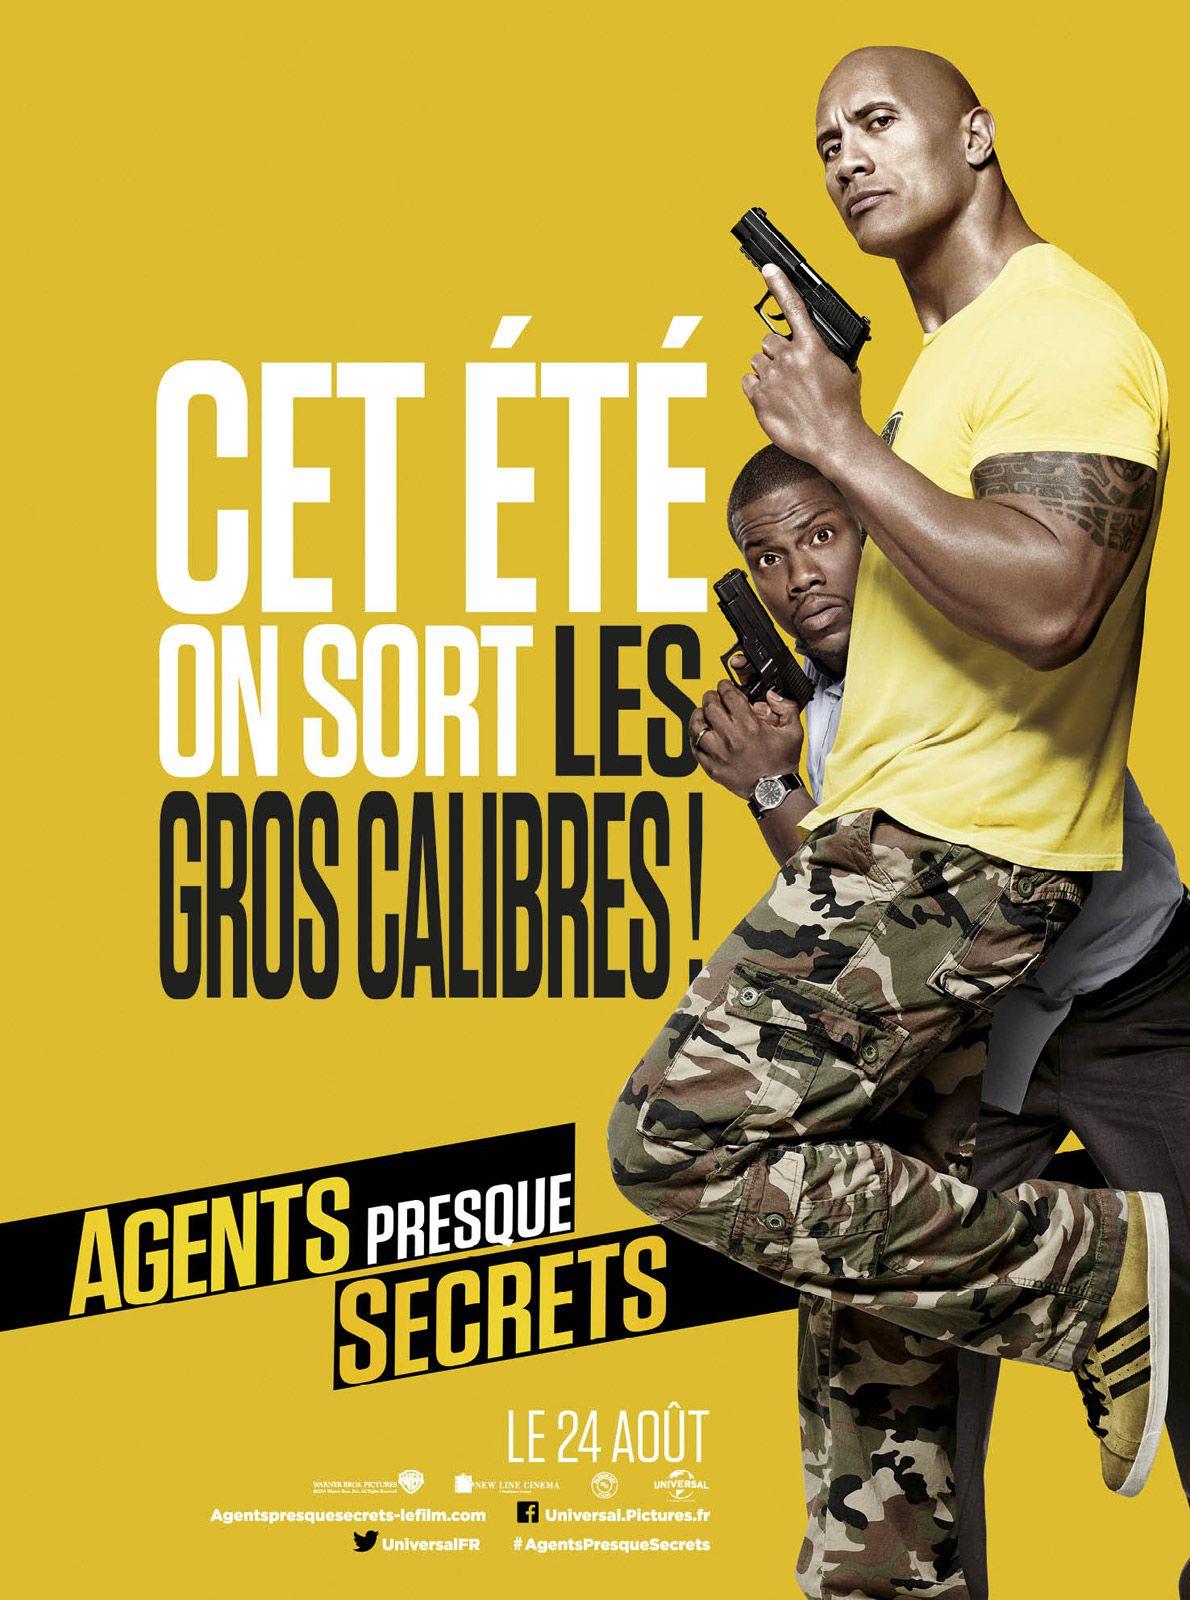 Agents presque secrets - Film (2016)